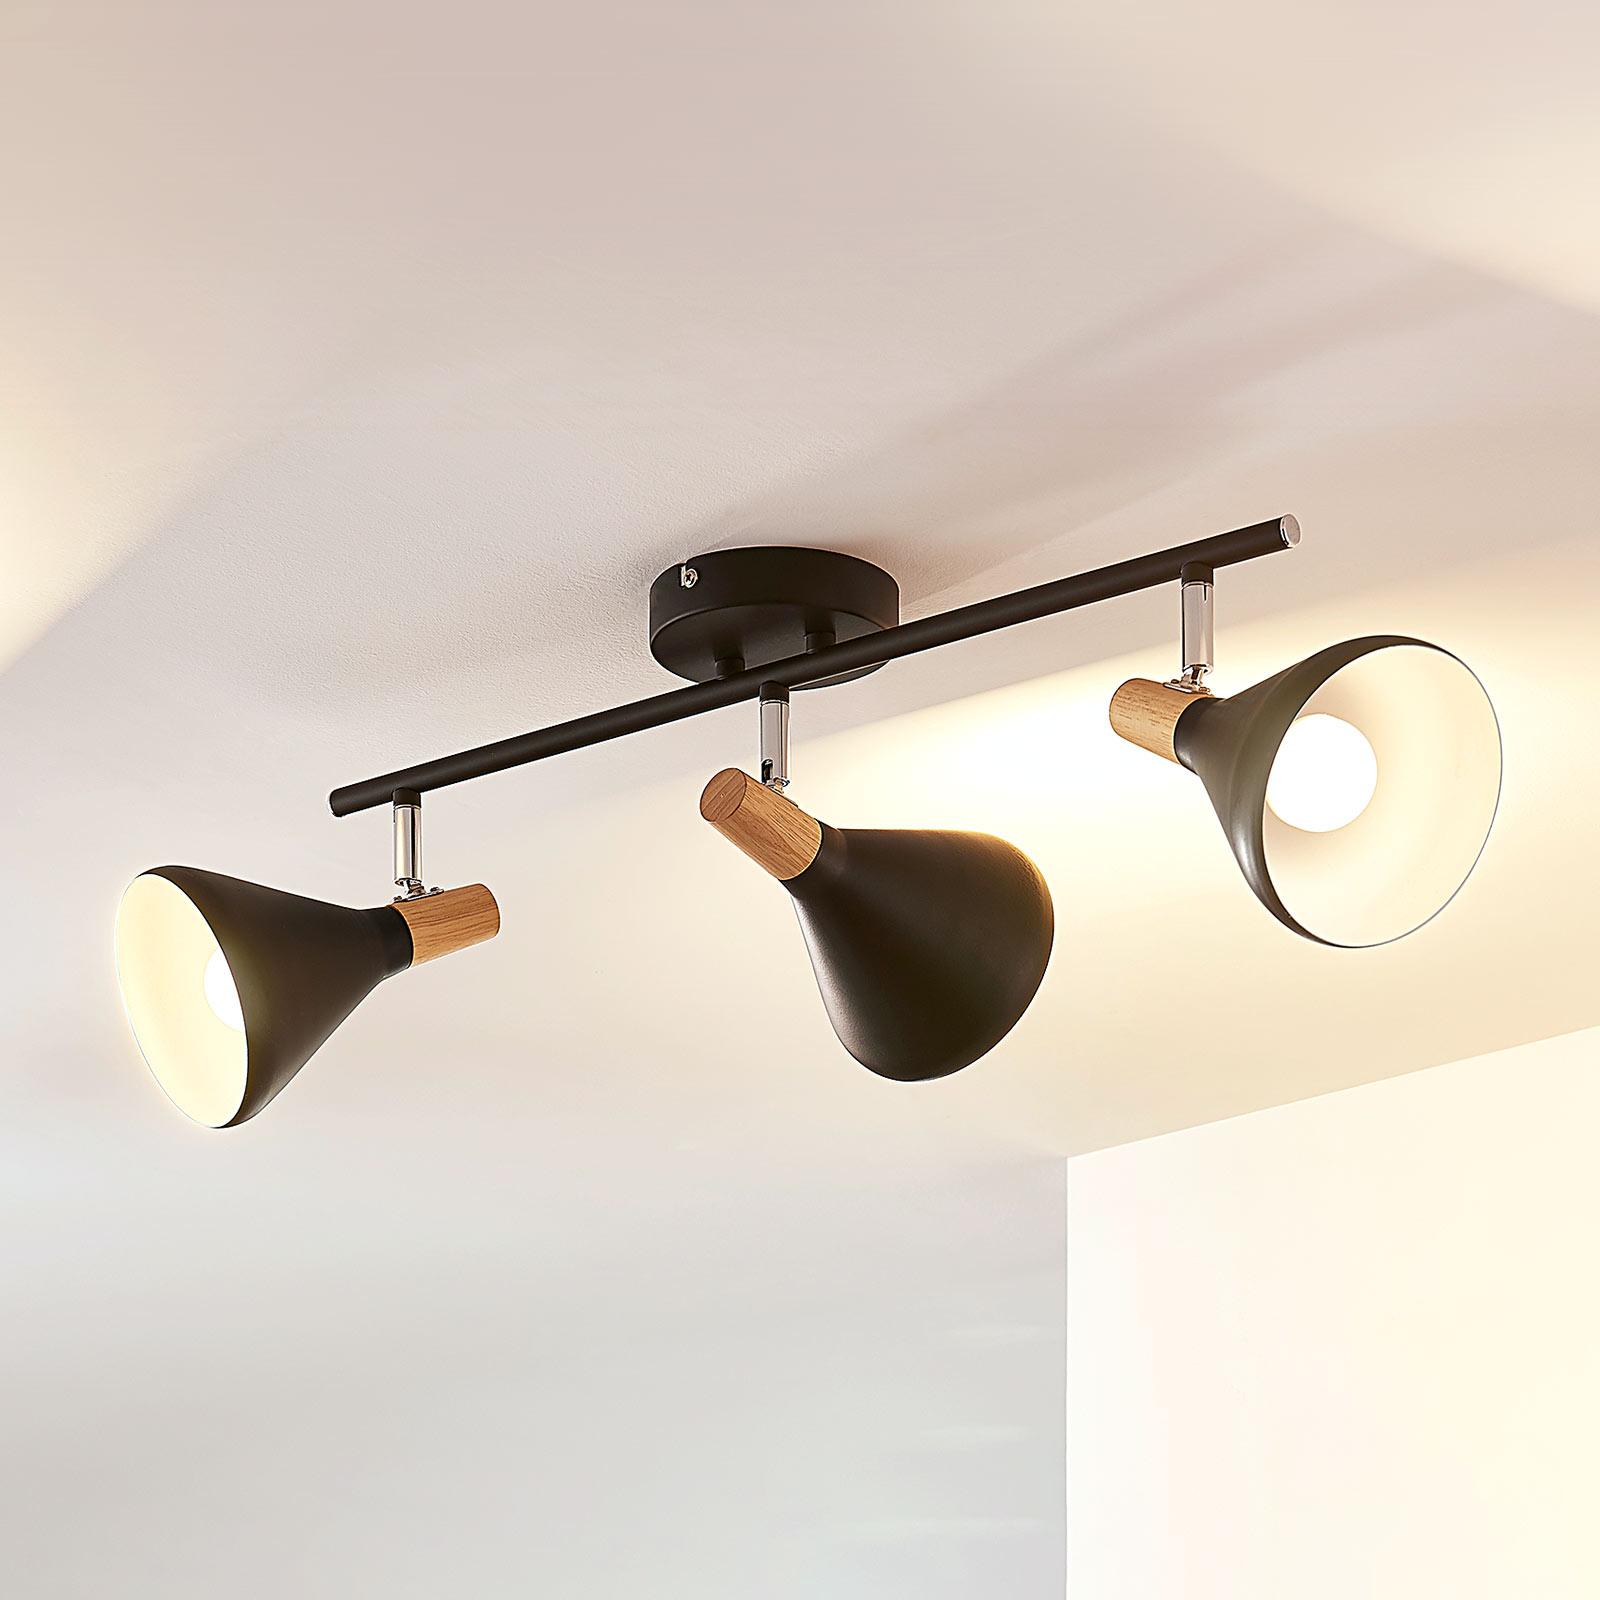 LED ceiling lamp Arina, Scandi style_9621812_1